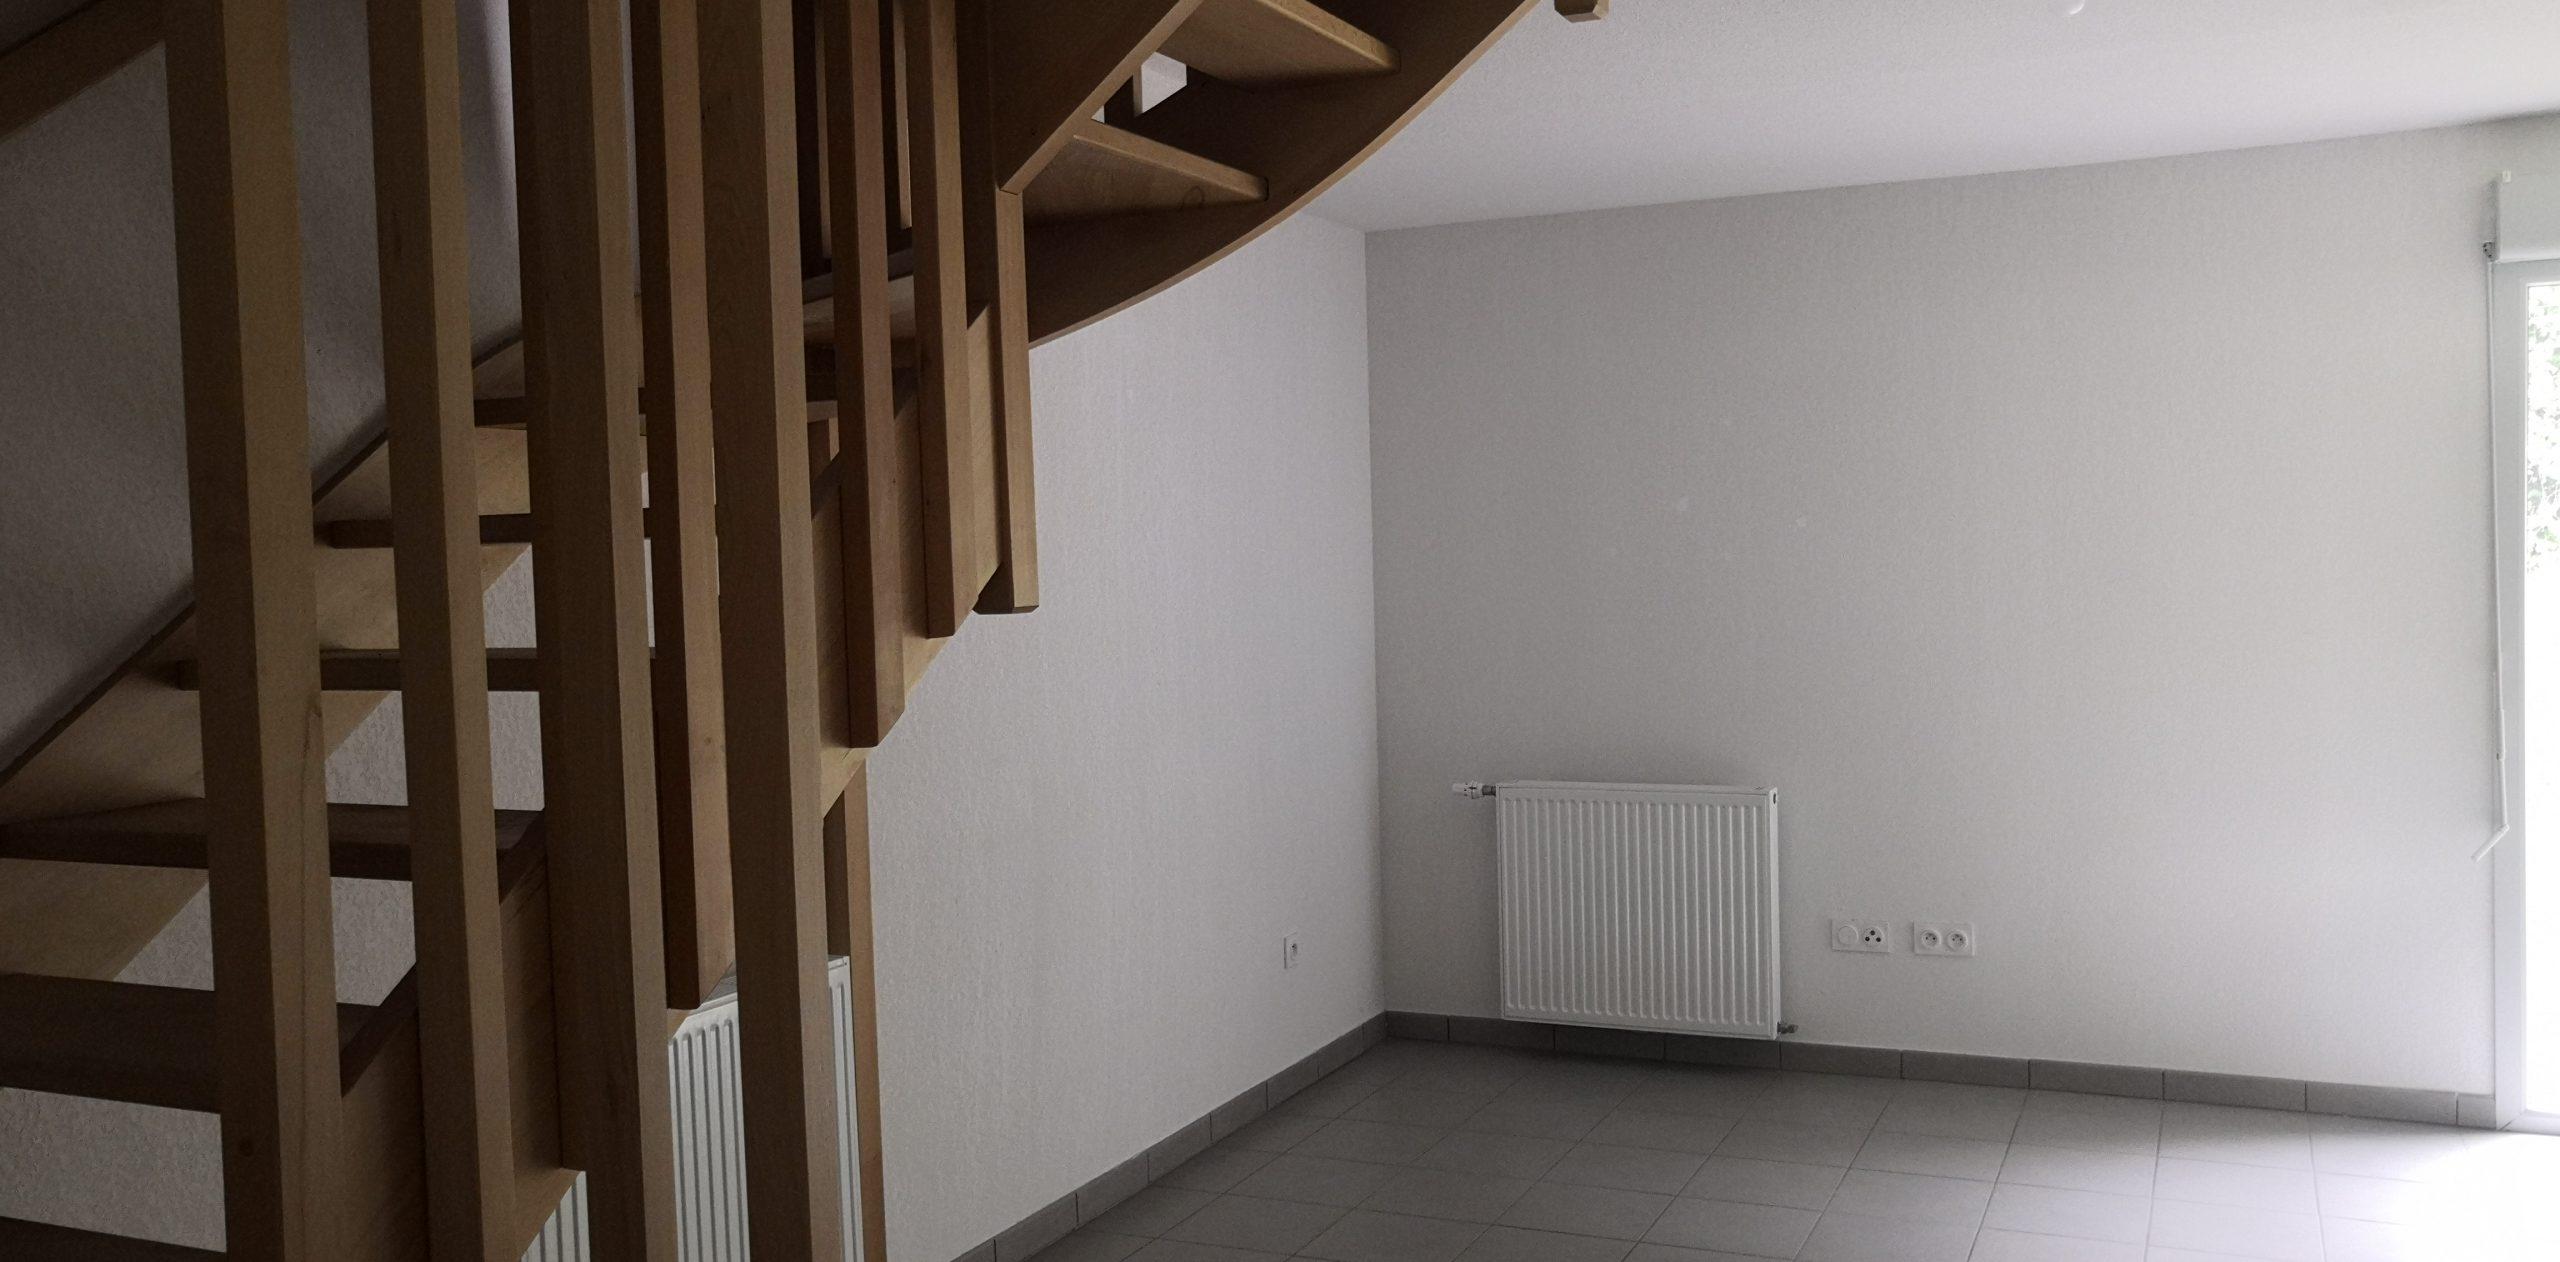 GARRIDECH Maison 1 LE COLIBRI